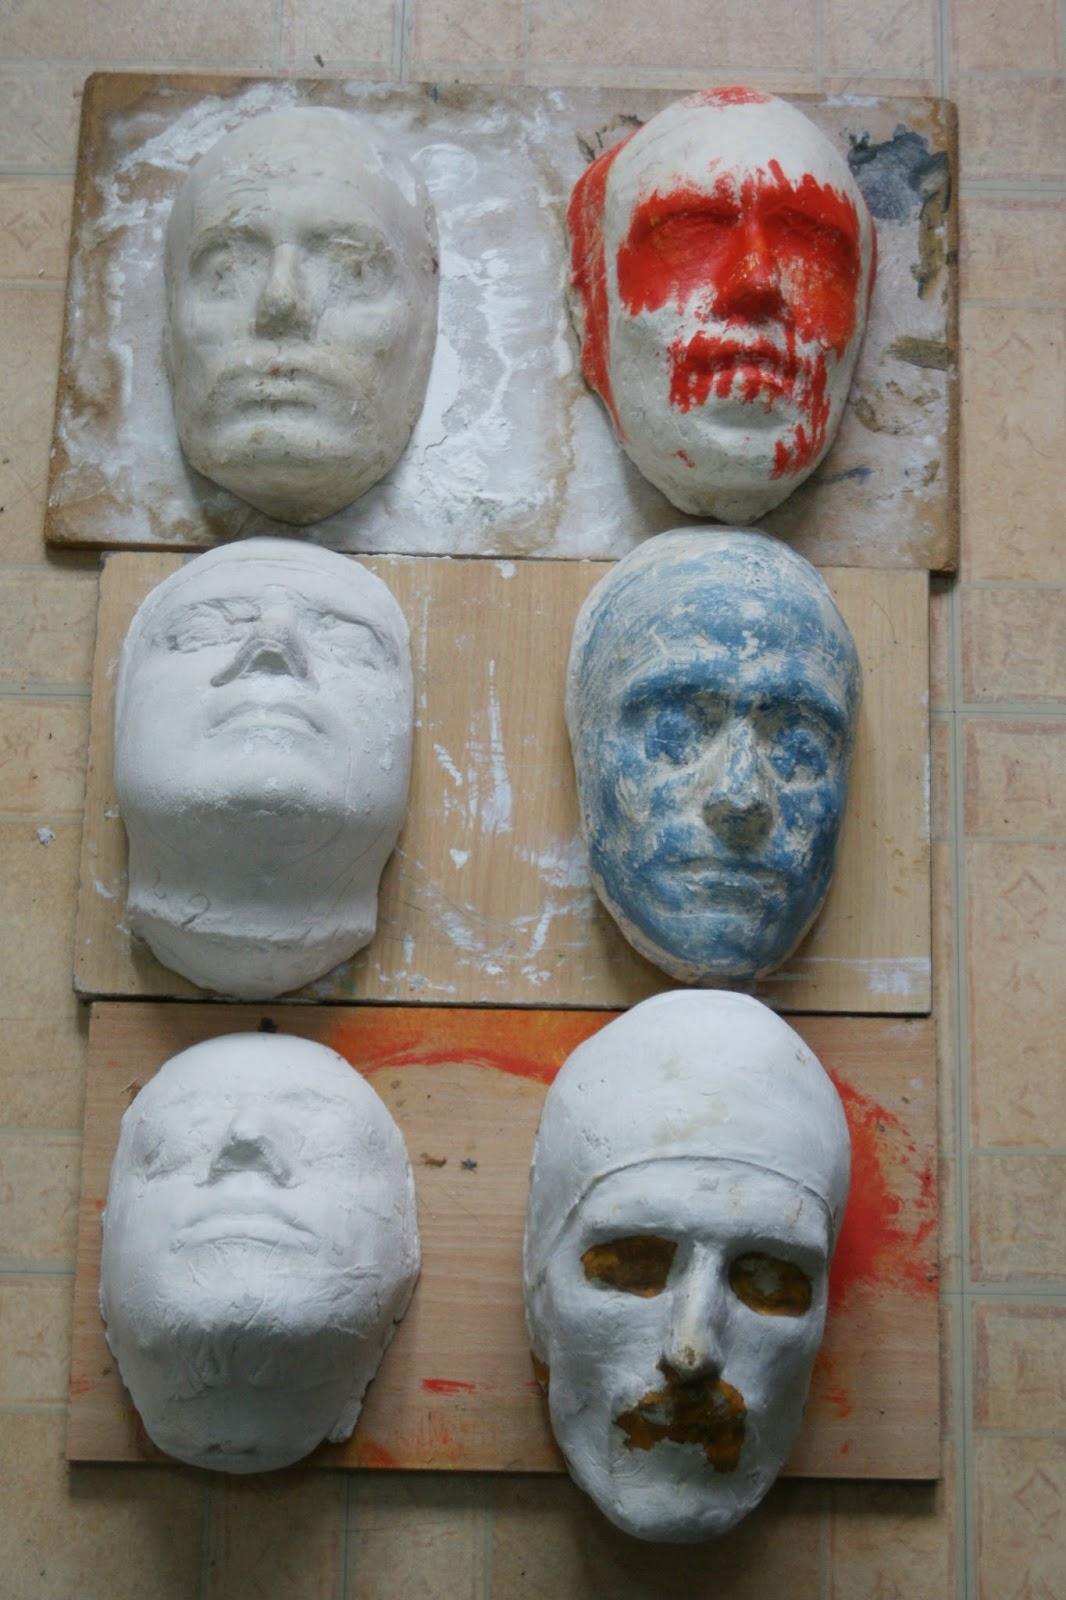 Atelier du Masque en Mousse de Latex Création de masque en Mousse